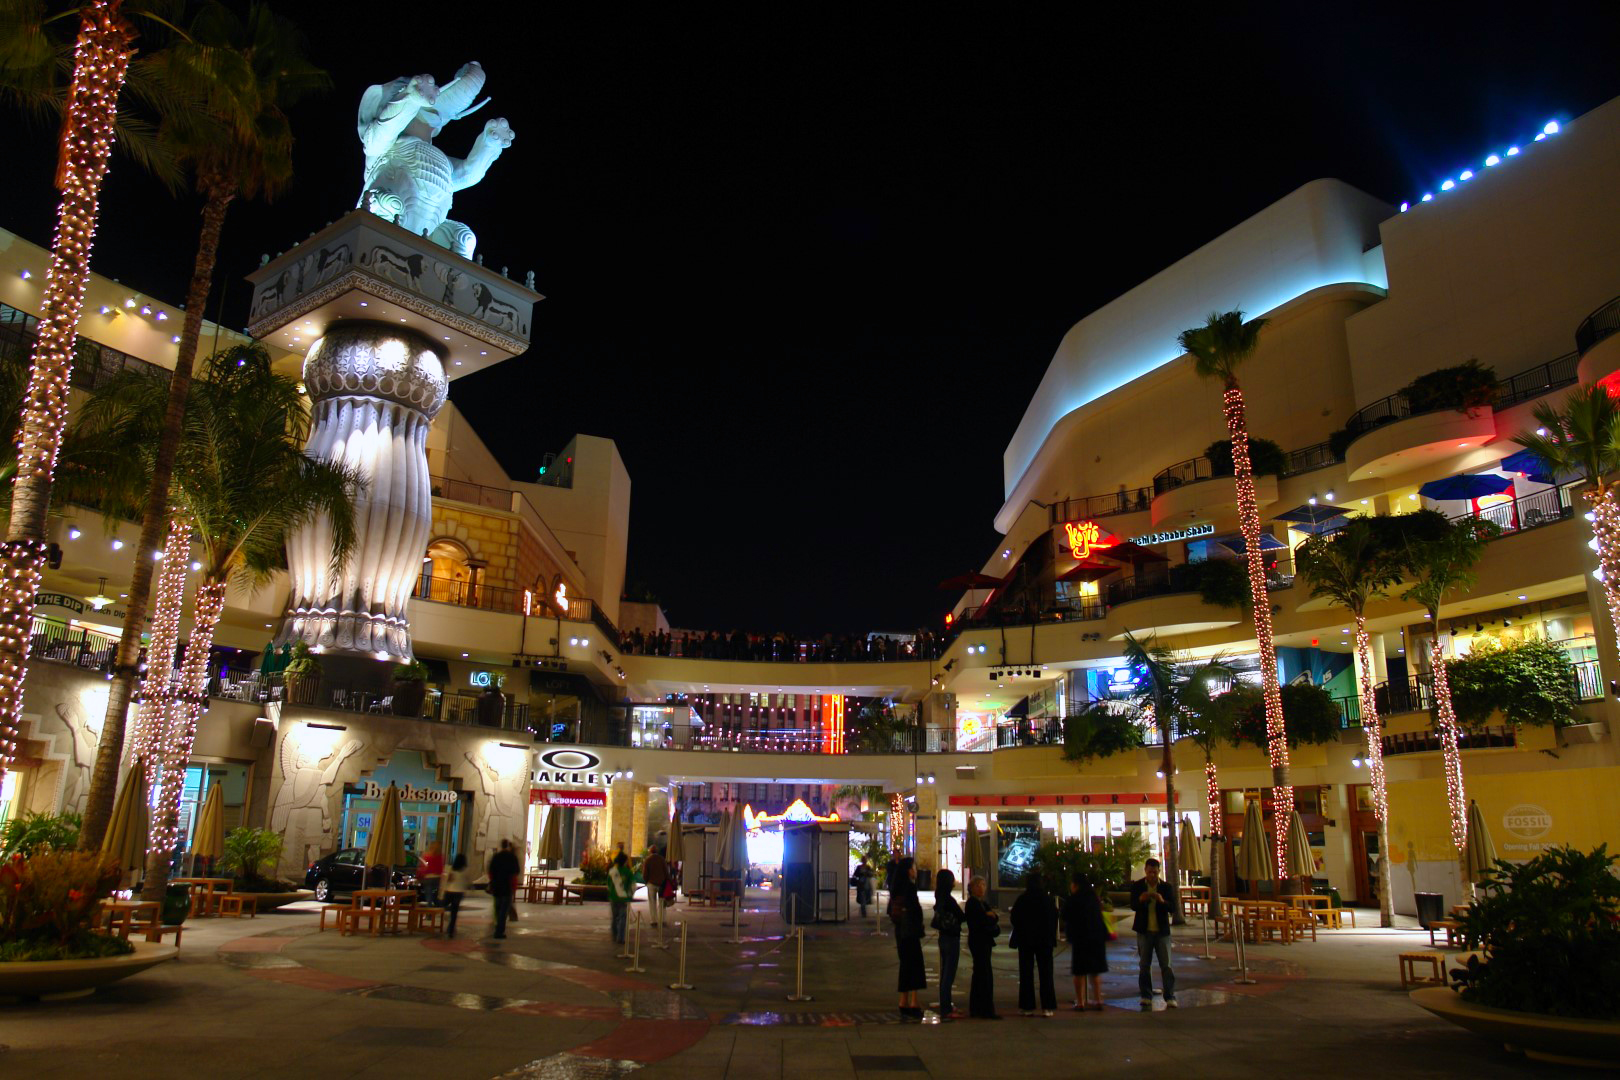 Qué hacer y ver en Los Ángeles los angeles - 31975896943 4c7af80629 o - Qué hacer y ver en Los Angeles